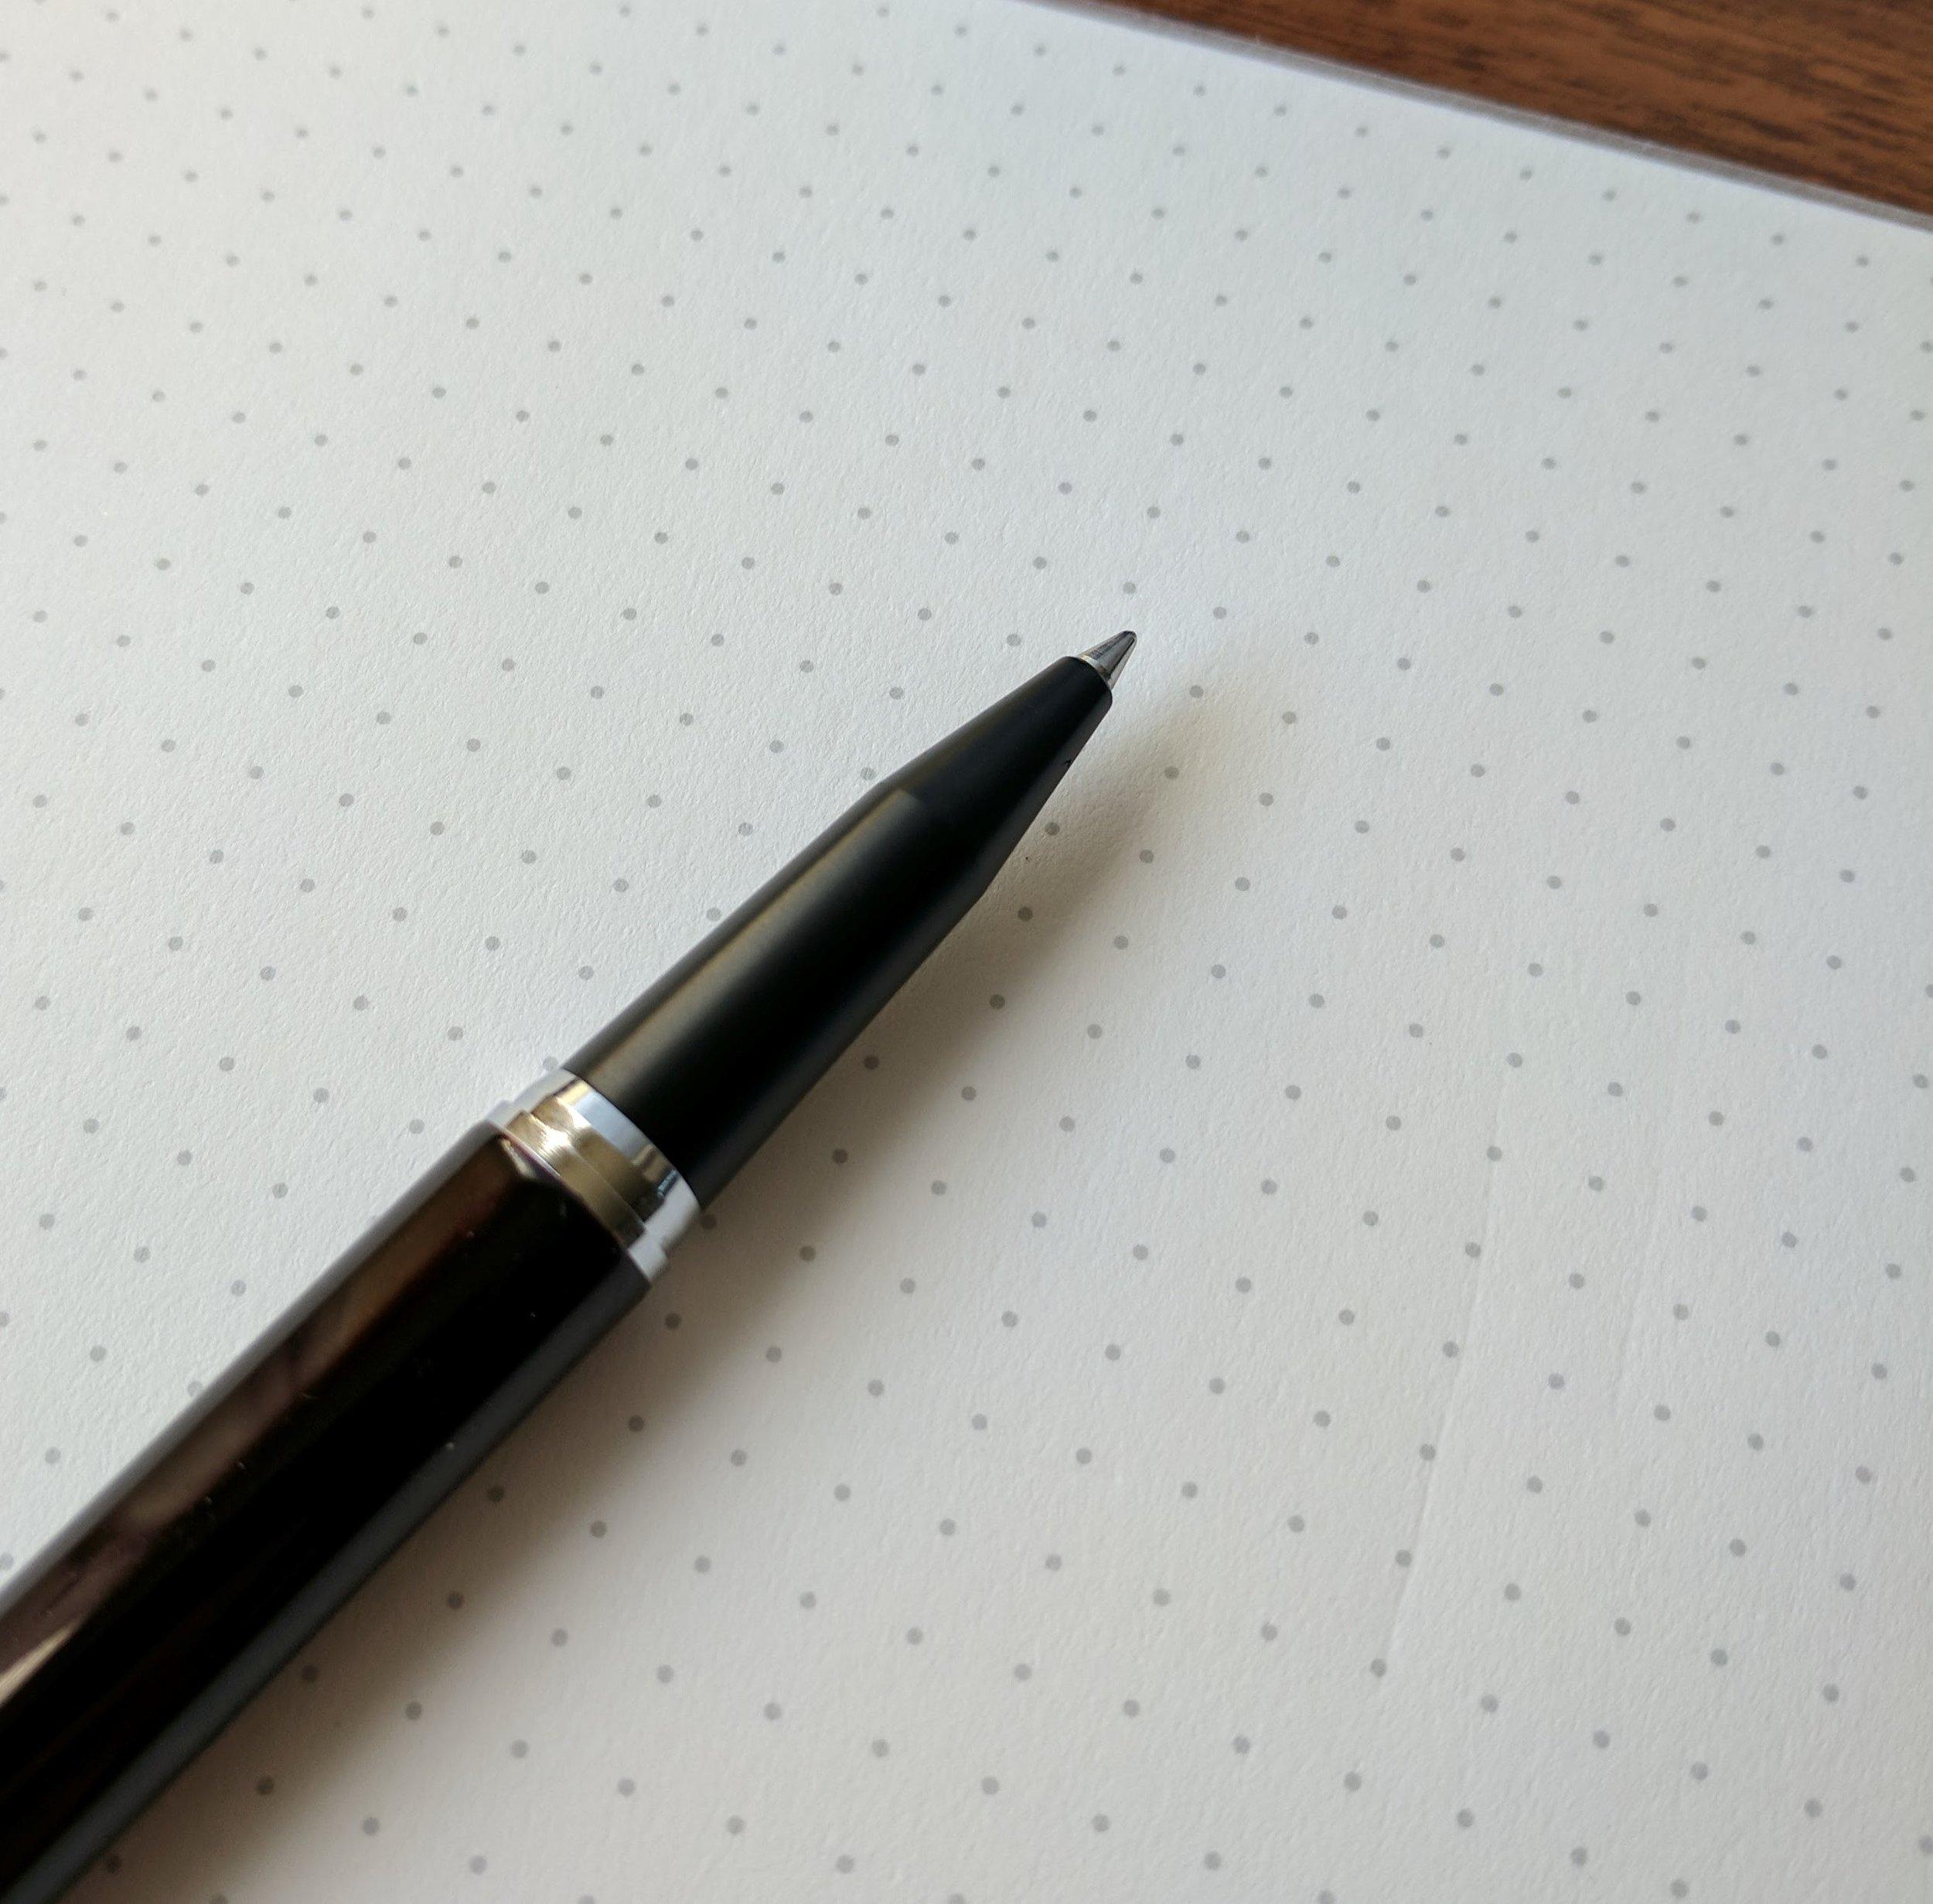 Retro 51 Desk Pen Matte Grip Section